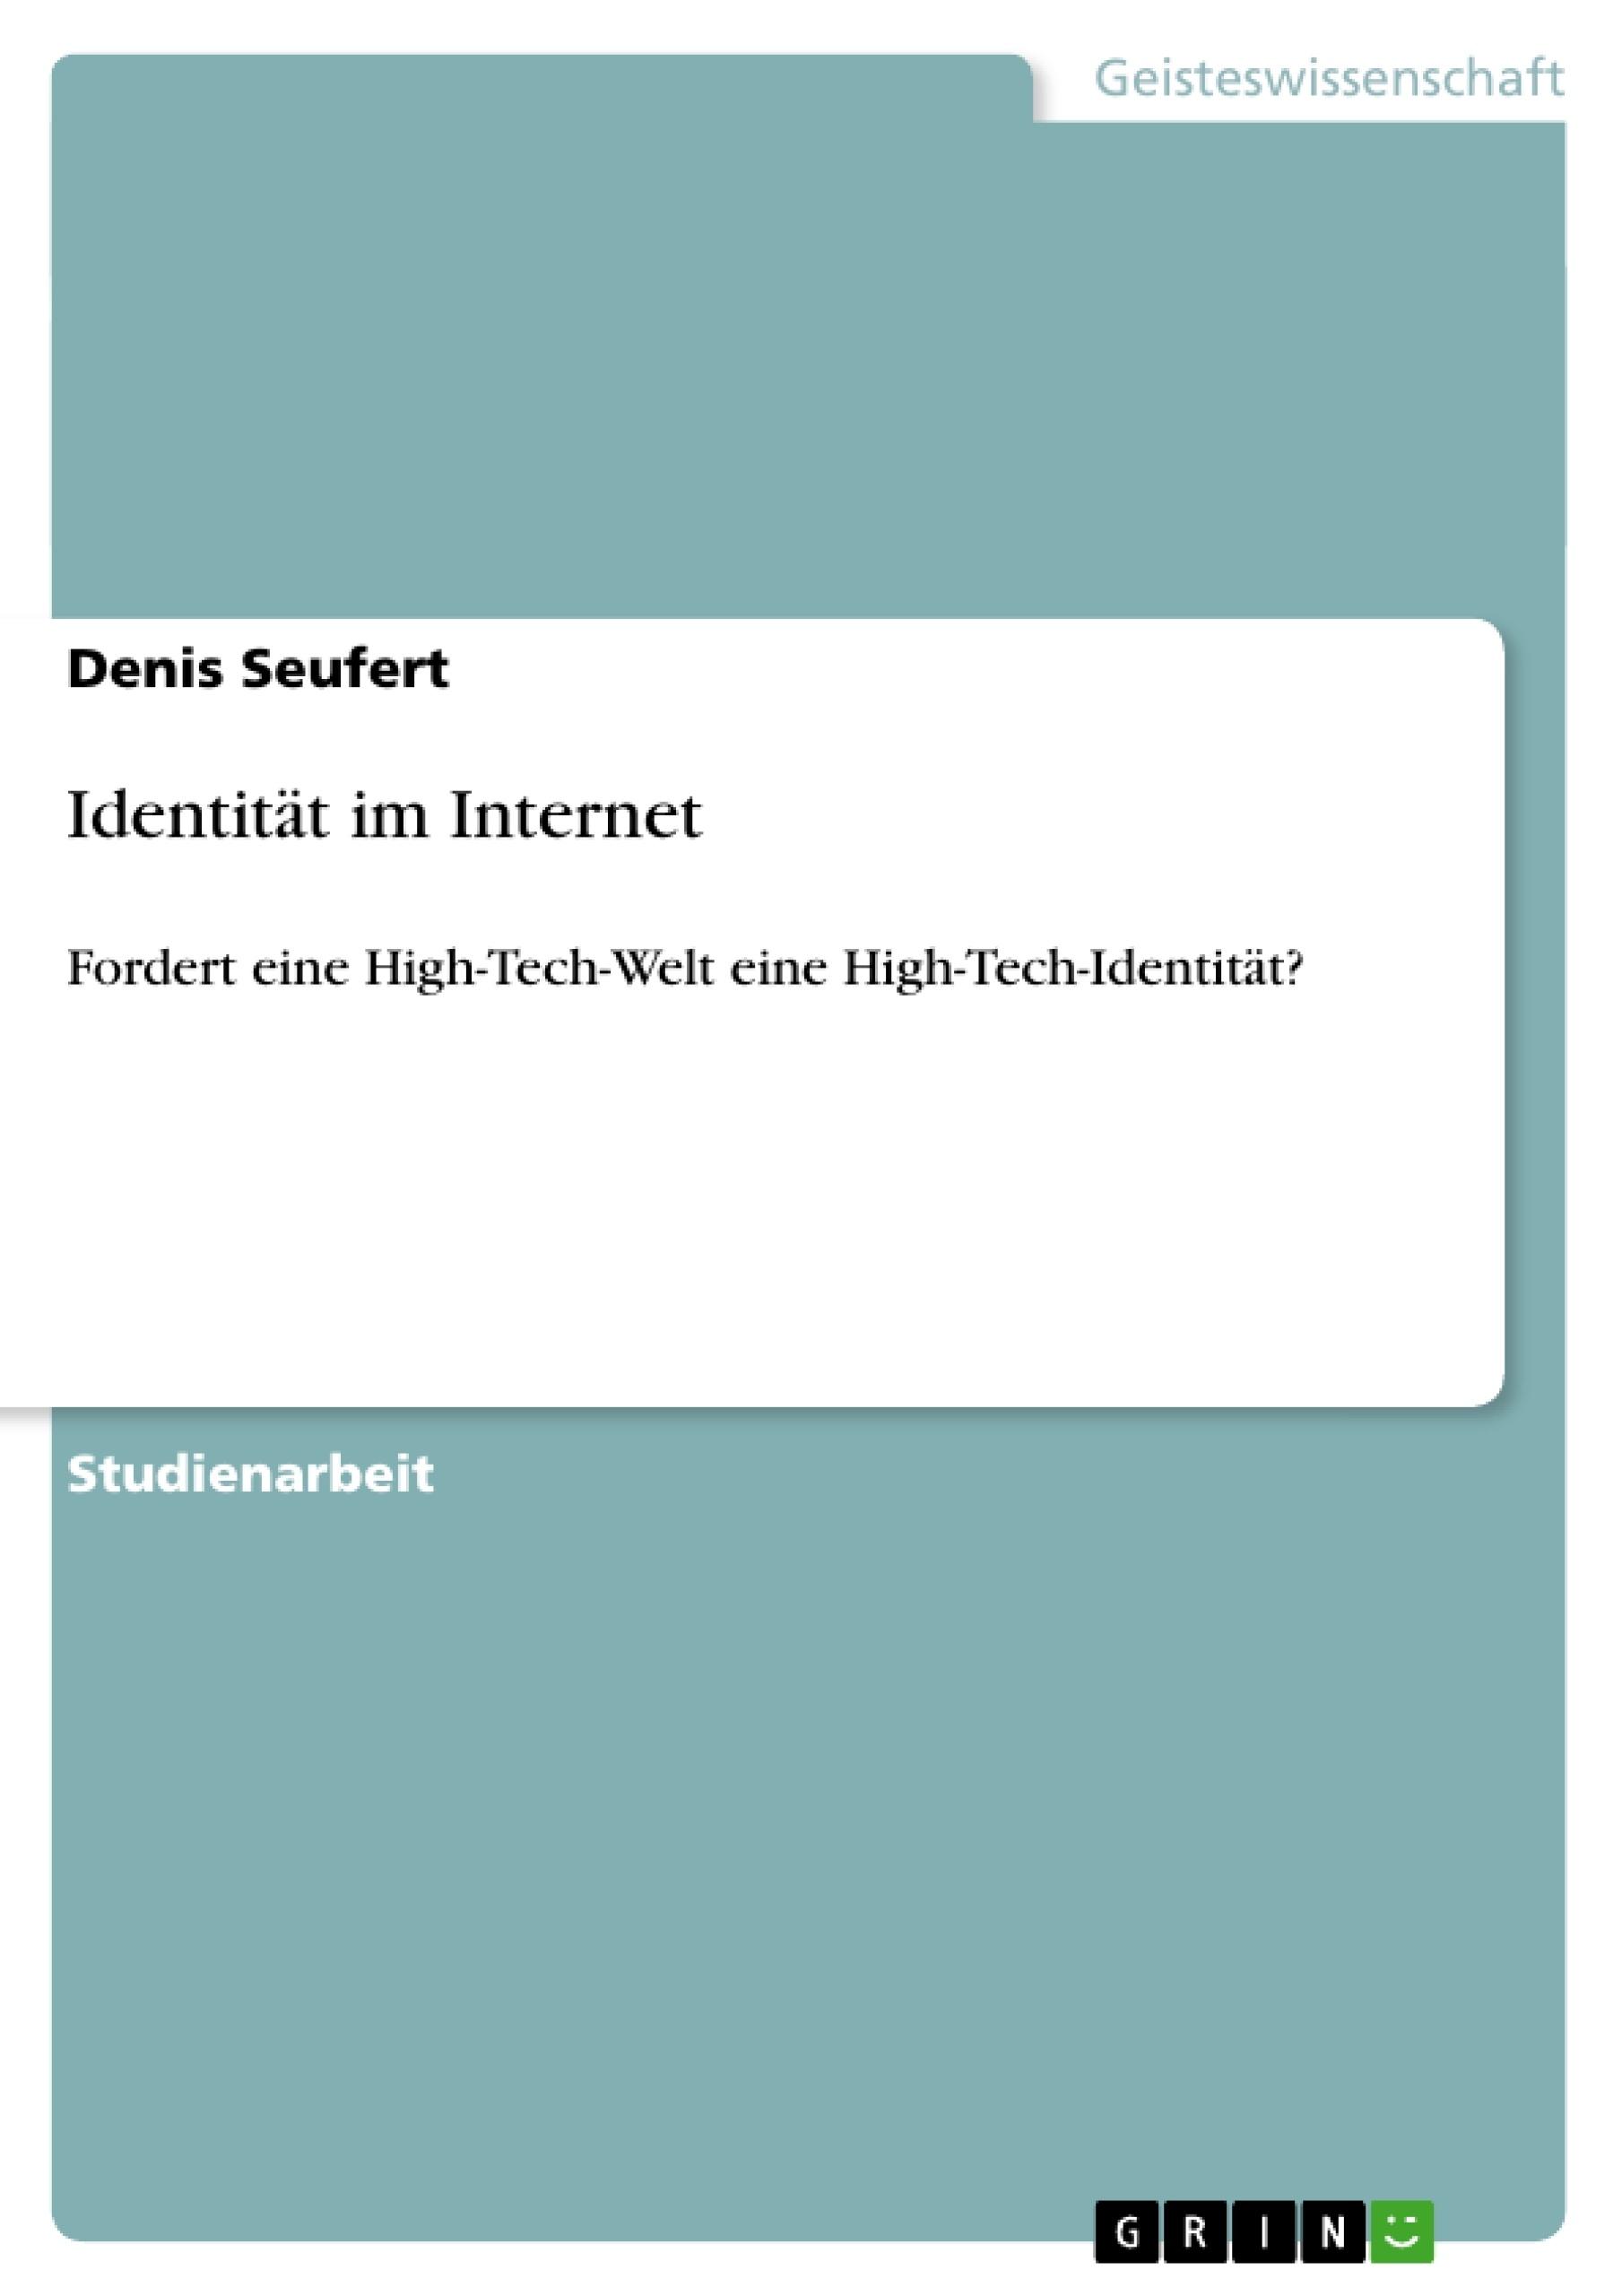 Titel: Identität im Internet